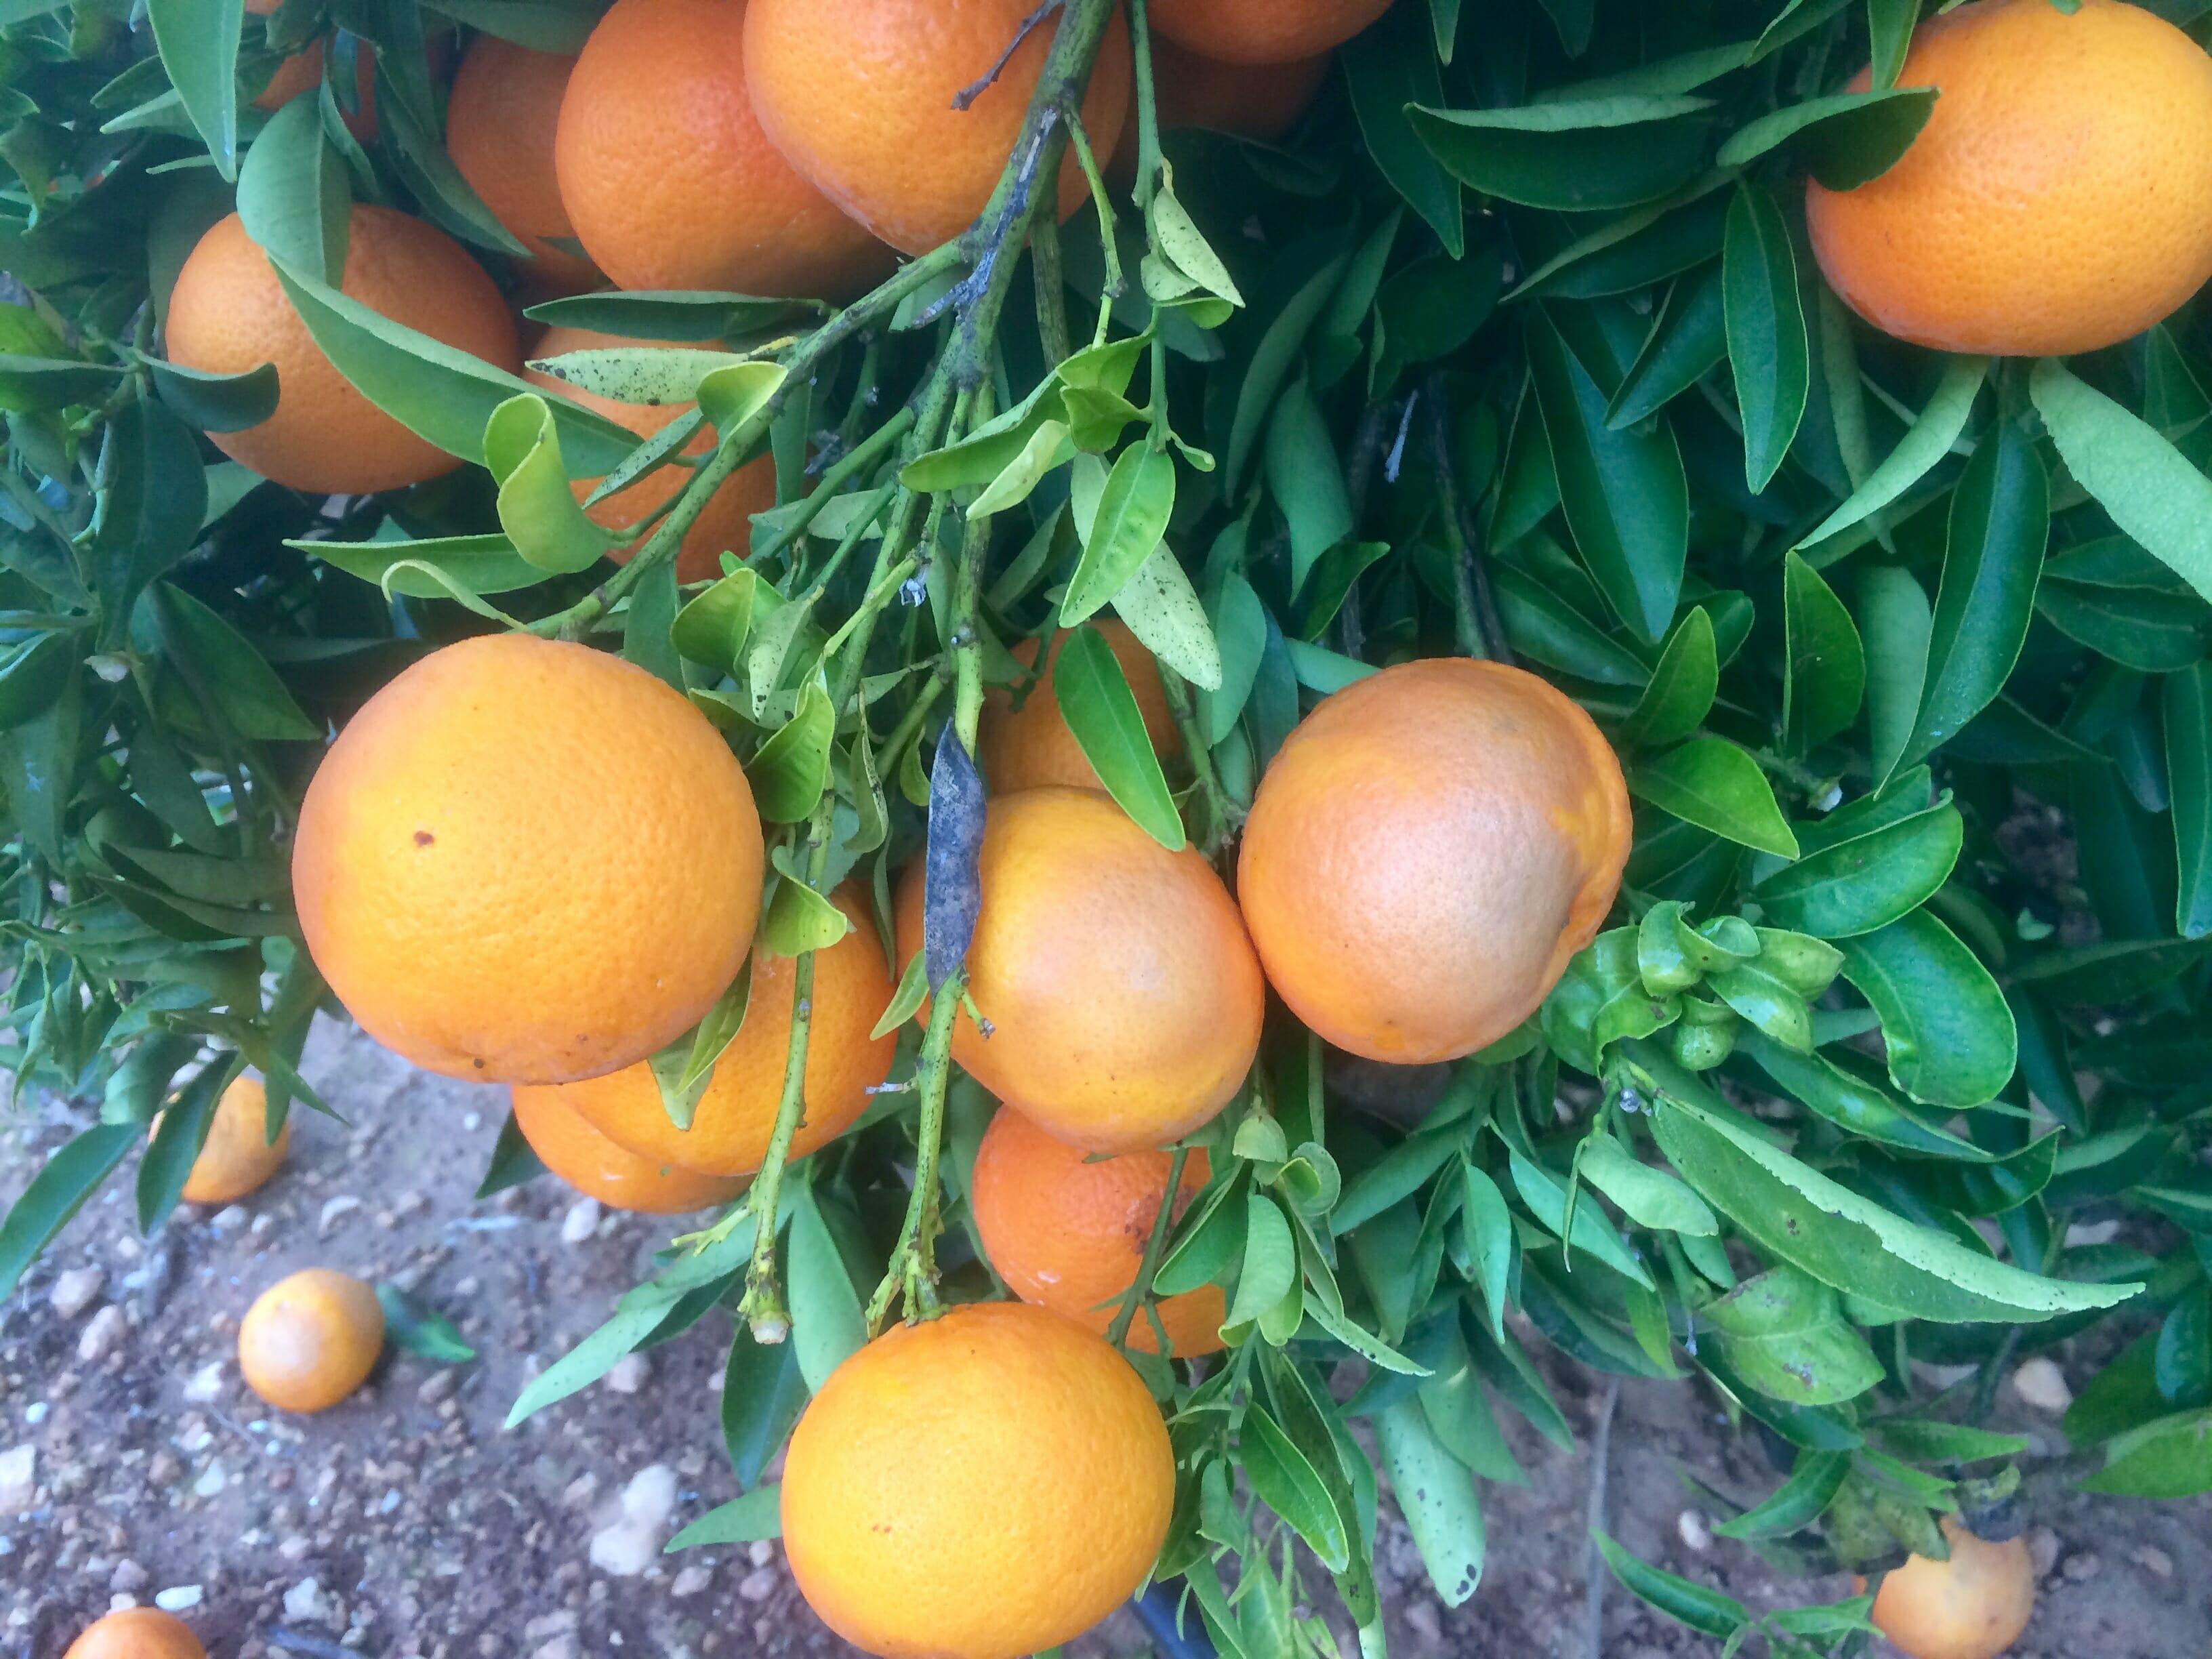 Síntomas de aguado sobre mandarina clementina. Síntomas producidos por fitoftora (Phytophthora) en fruto